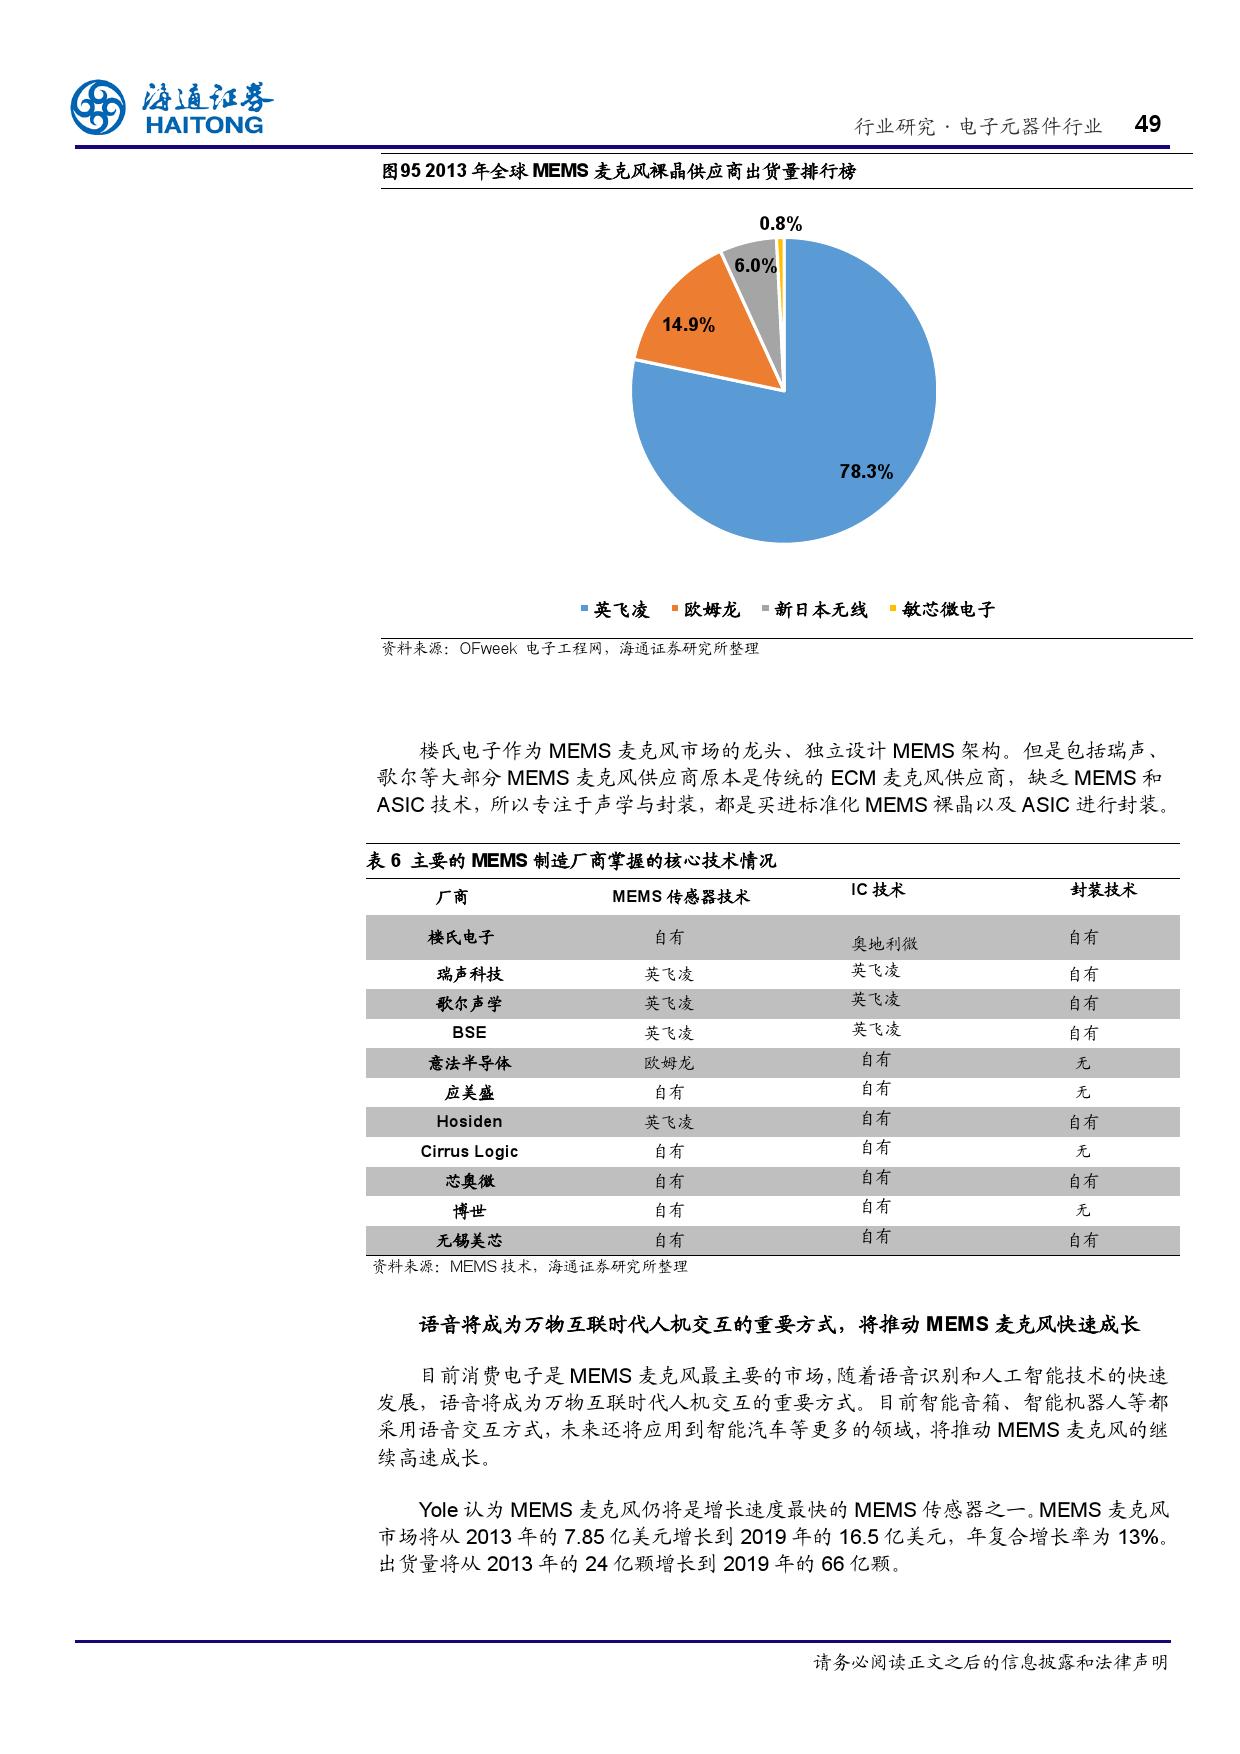 报告全解传感器全球产业链_000049